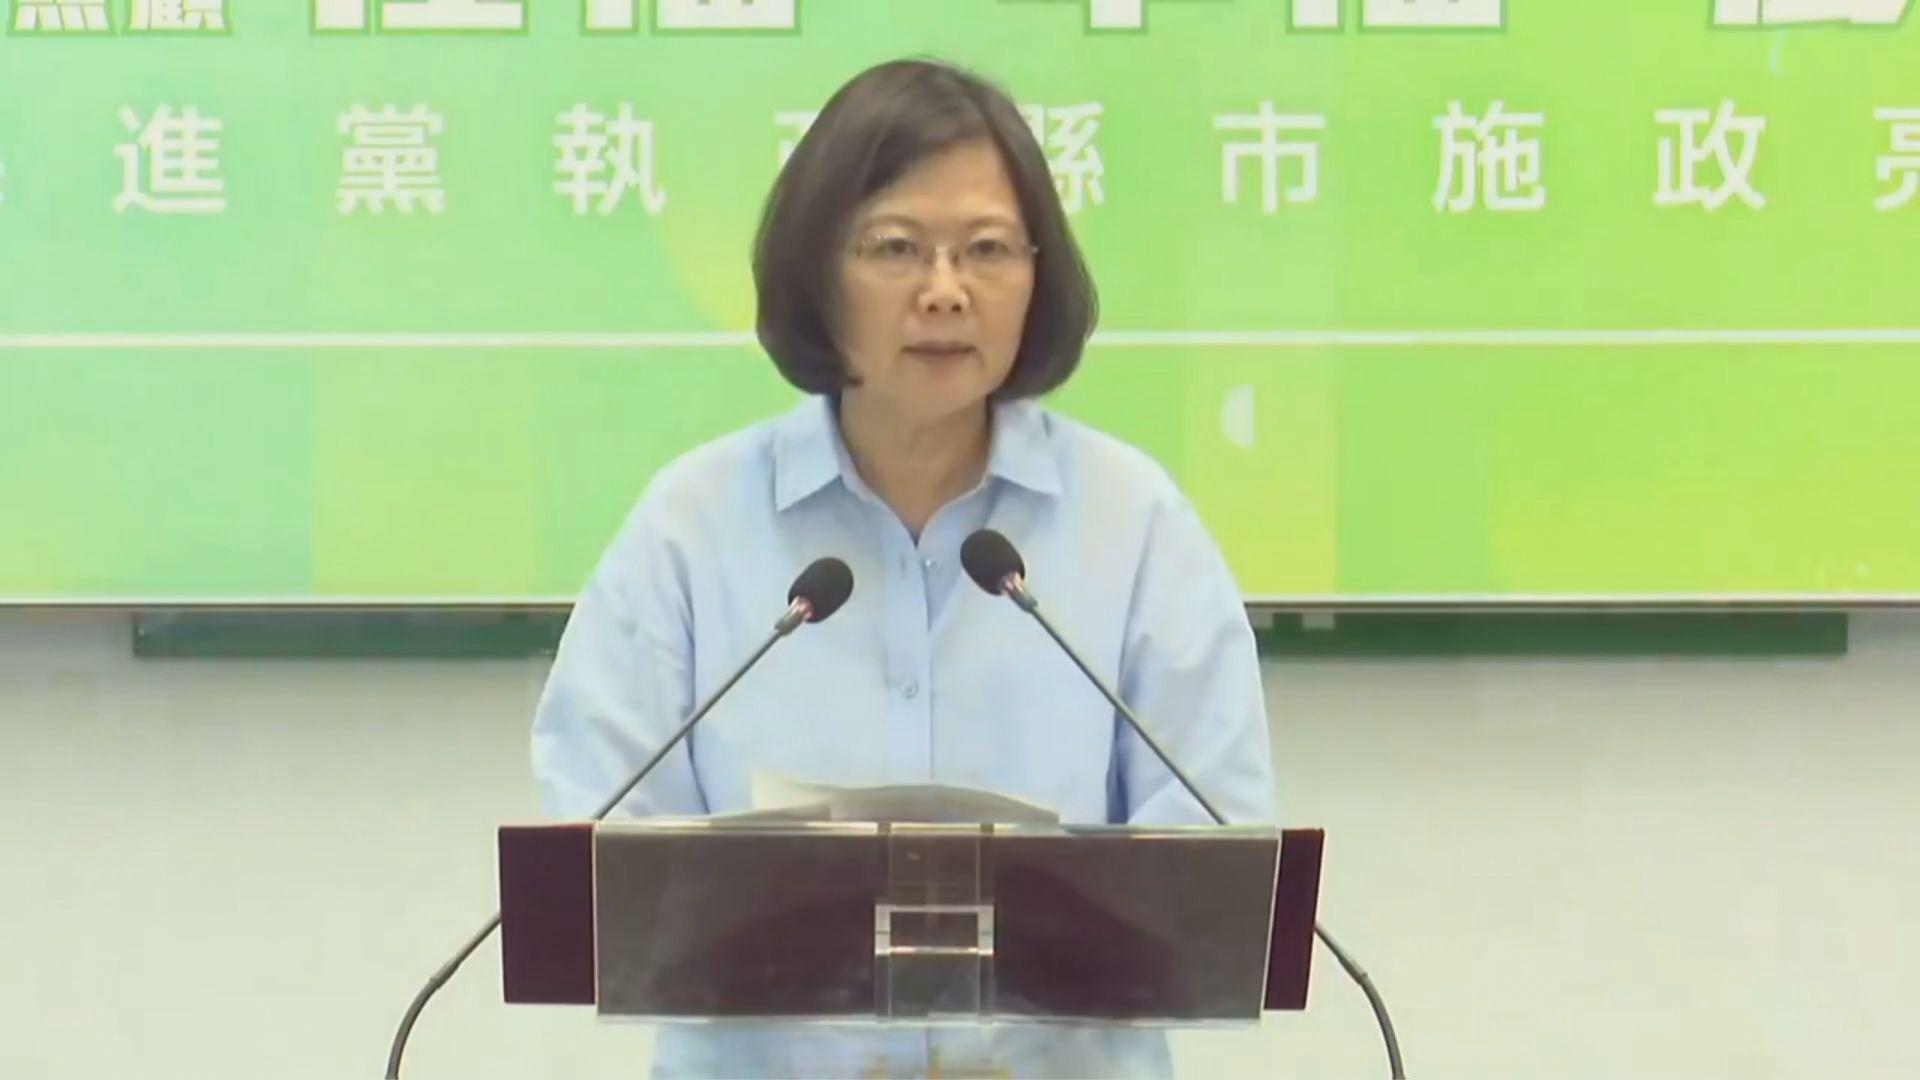 蔡英文指大陸對台灣的打壓將會持續